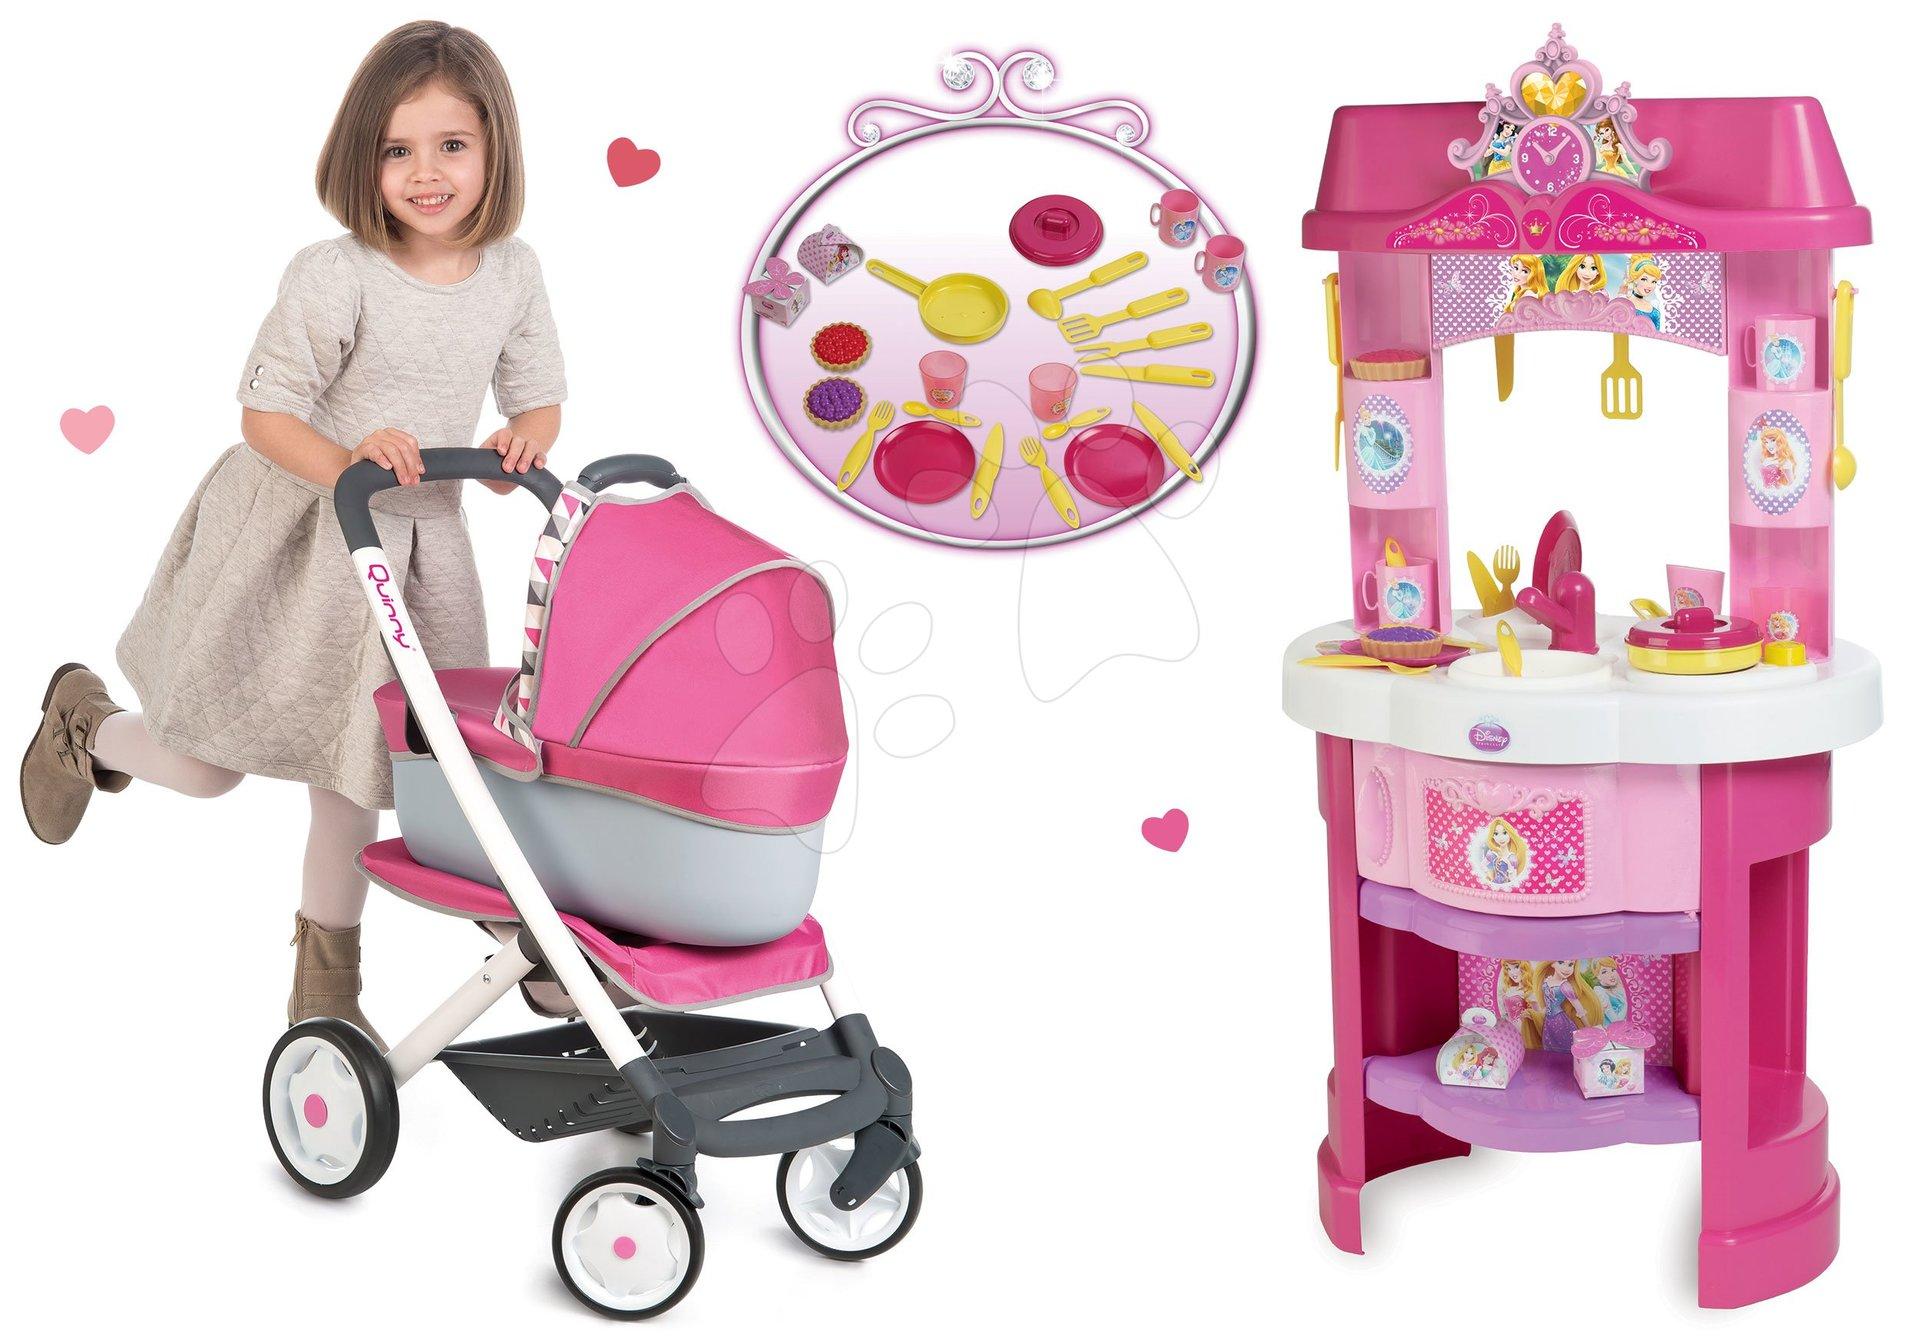 Smoby detská kuchynka Disney Princezné a kočiarik Maxi Cosi & Quinny 3v1 24023-3